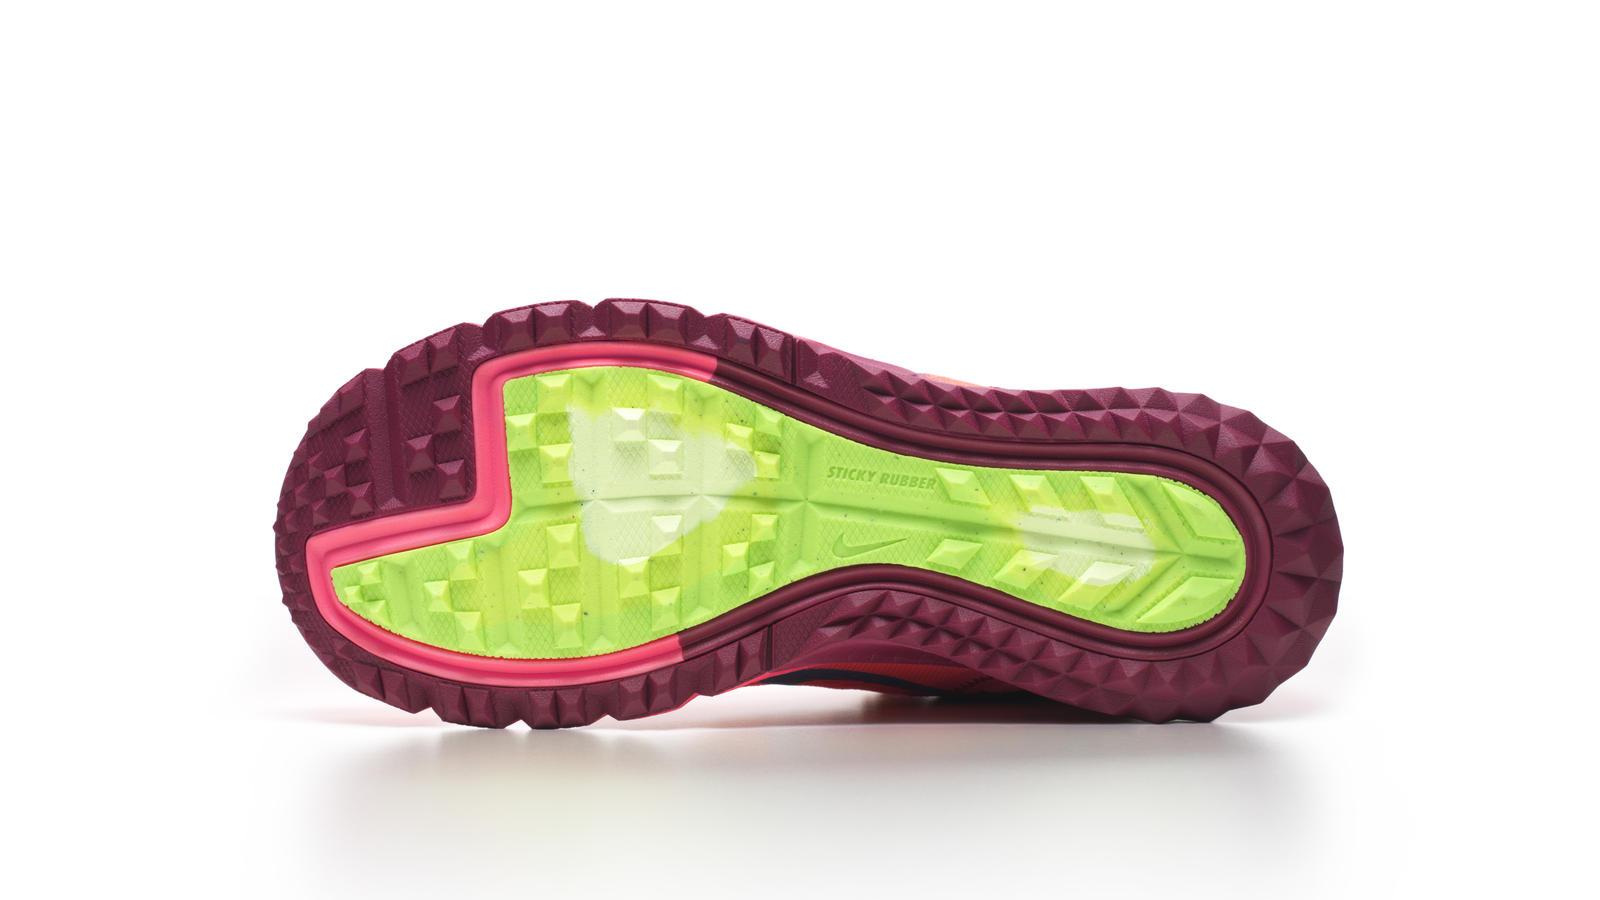 Nike Zoom Terra Kiger W Outsole